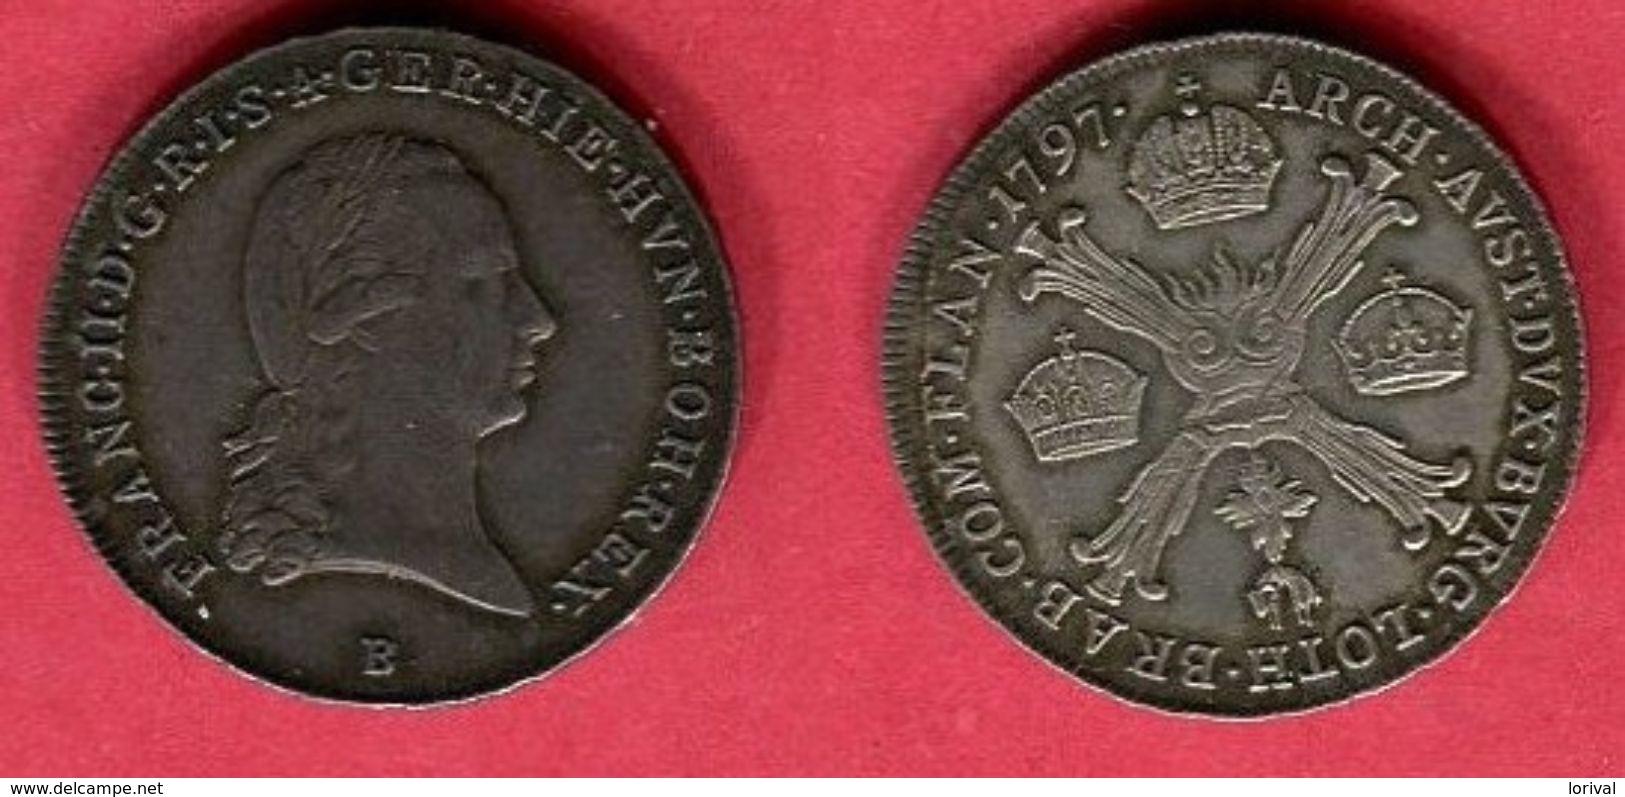 § FRANCOIS II 1/4 THALER    (KM 203  ) TTB 118 - [ 2] 1795-1814 : Protectorat Français & Napoléonien